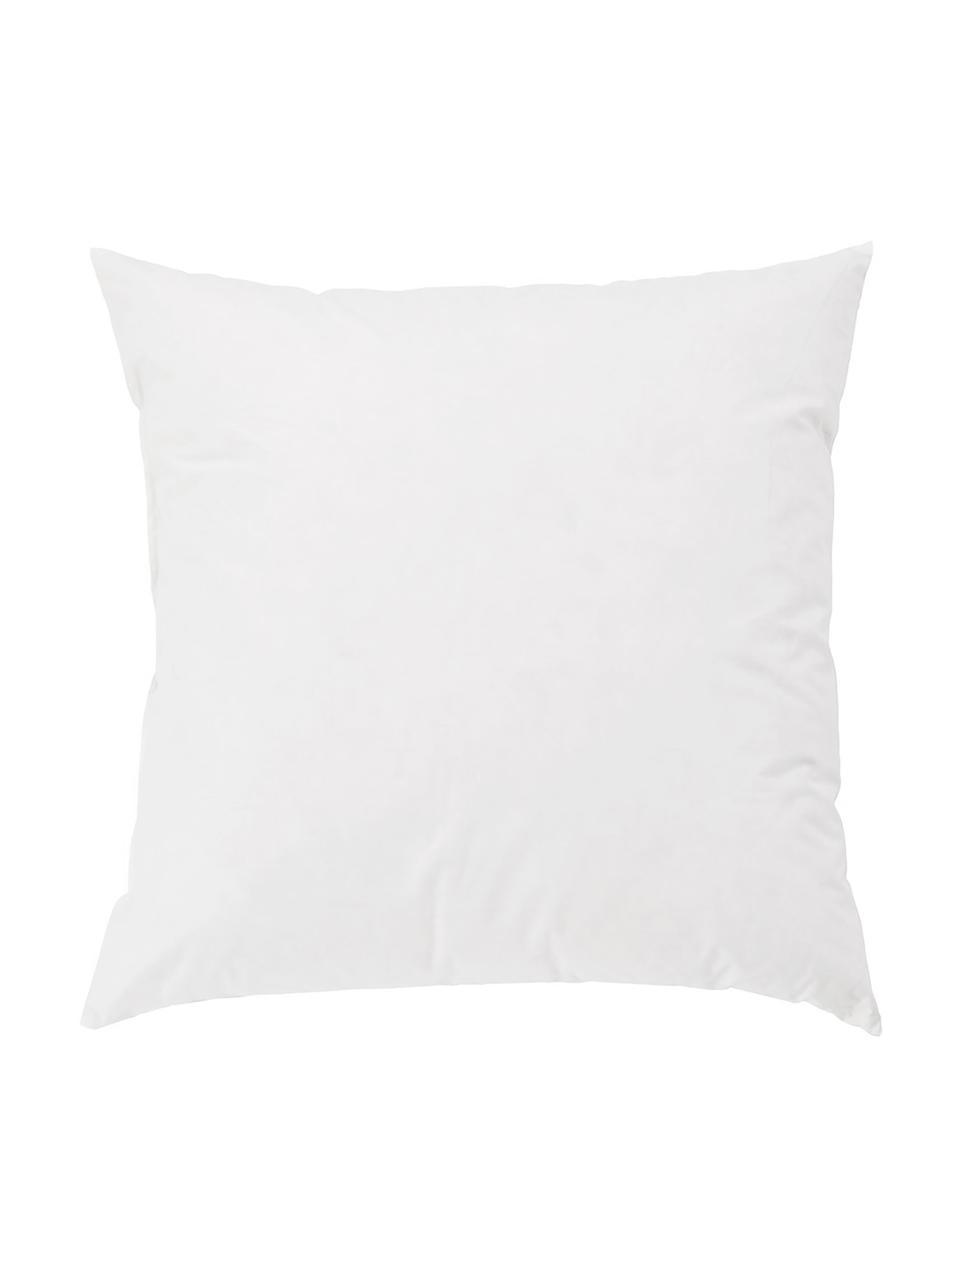 Wkład do poduszki z pierza Comfort, 45x45, Biały, S 45 x D 45 cm